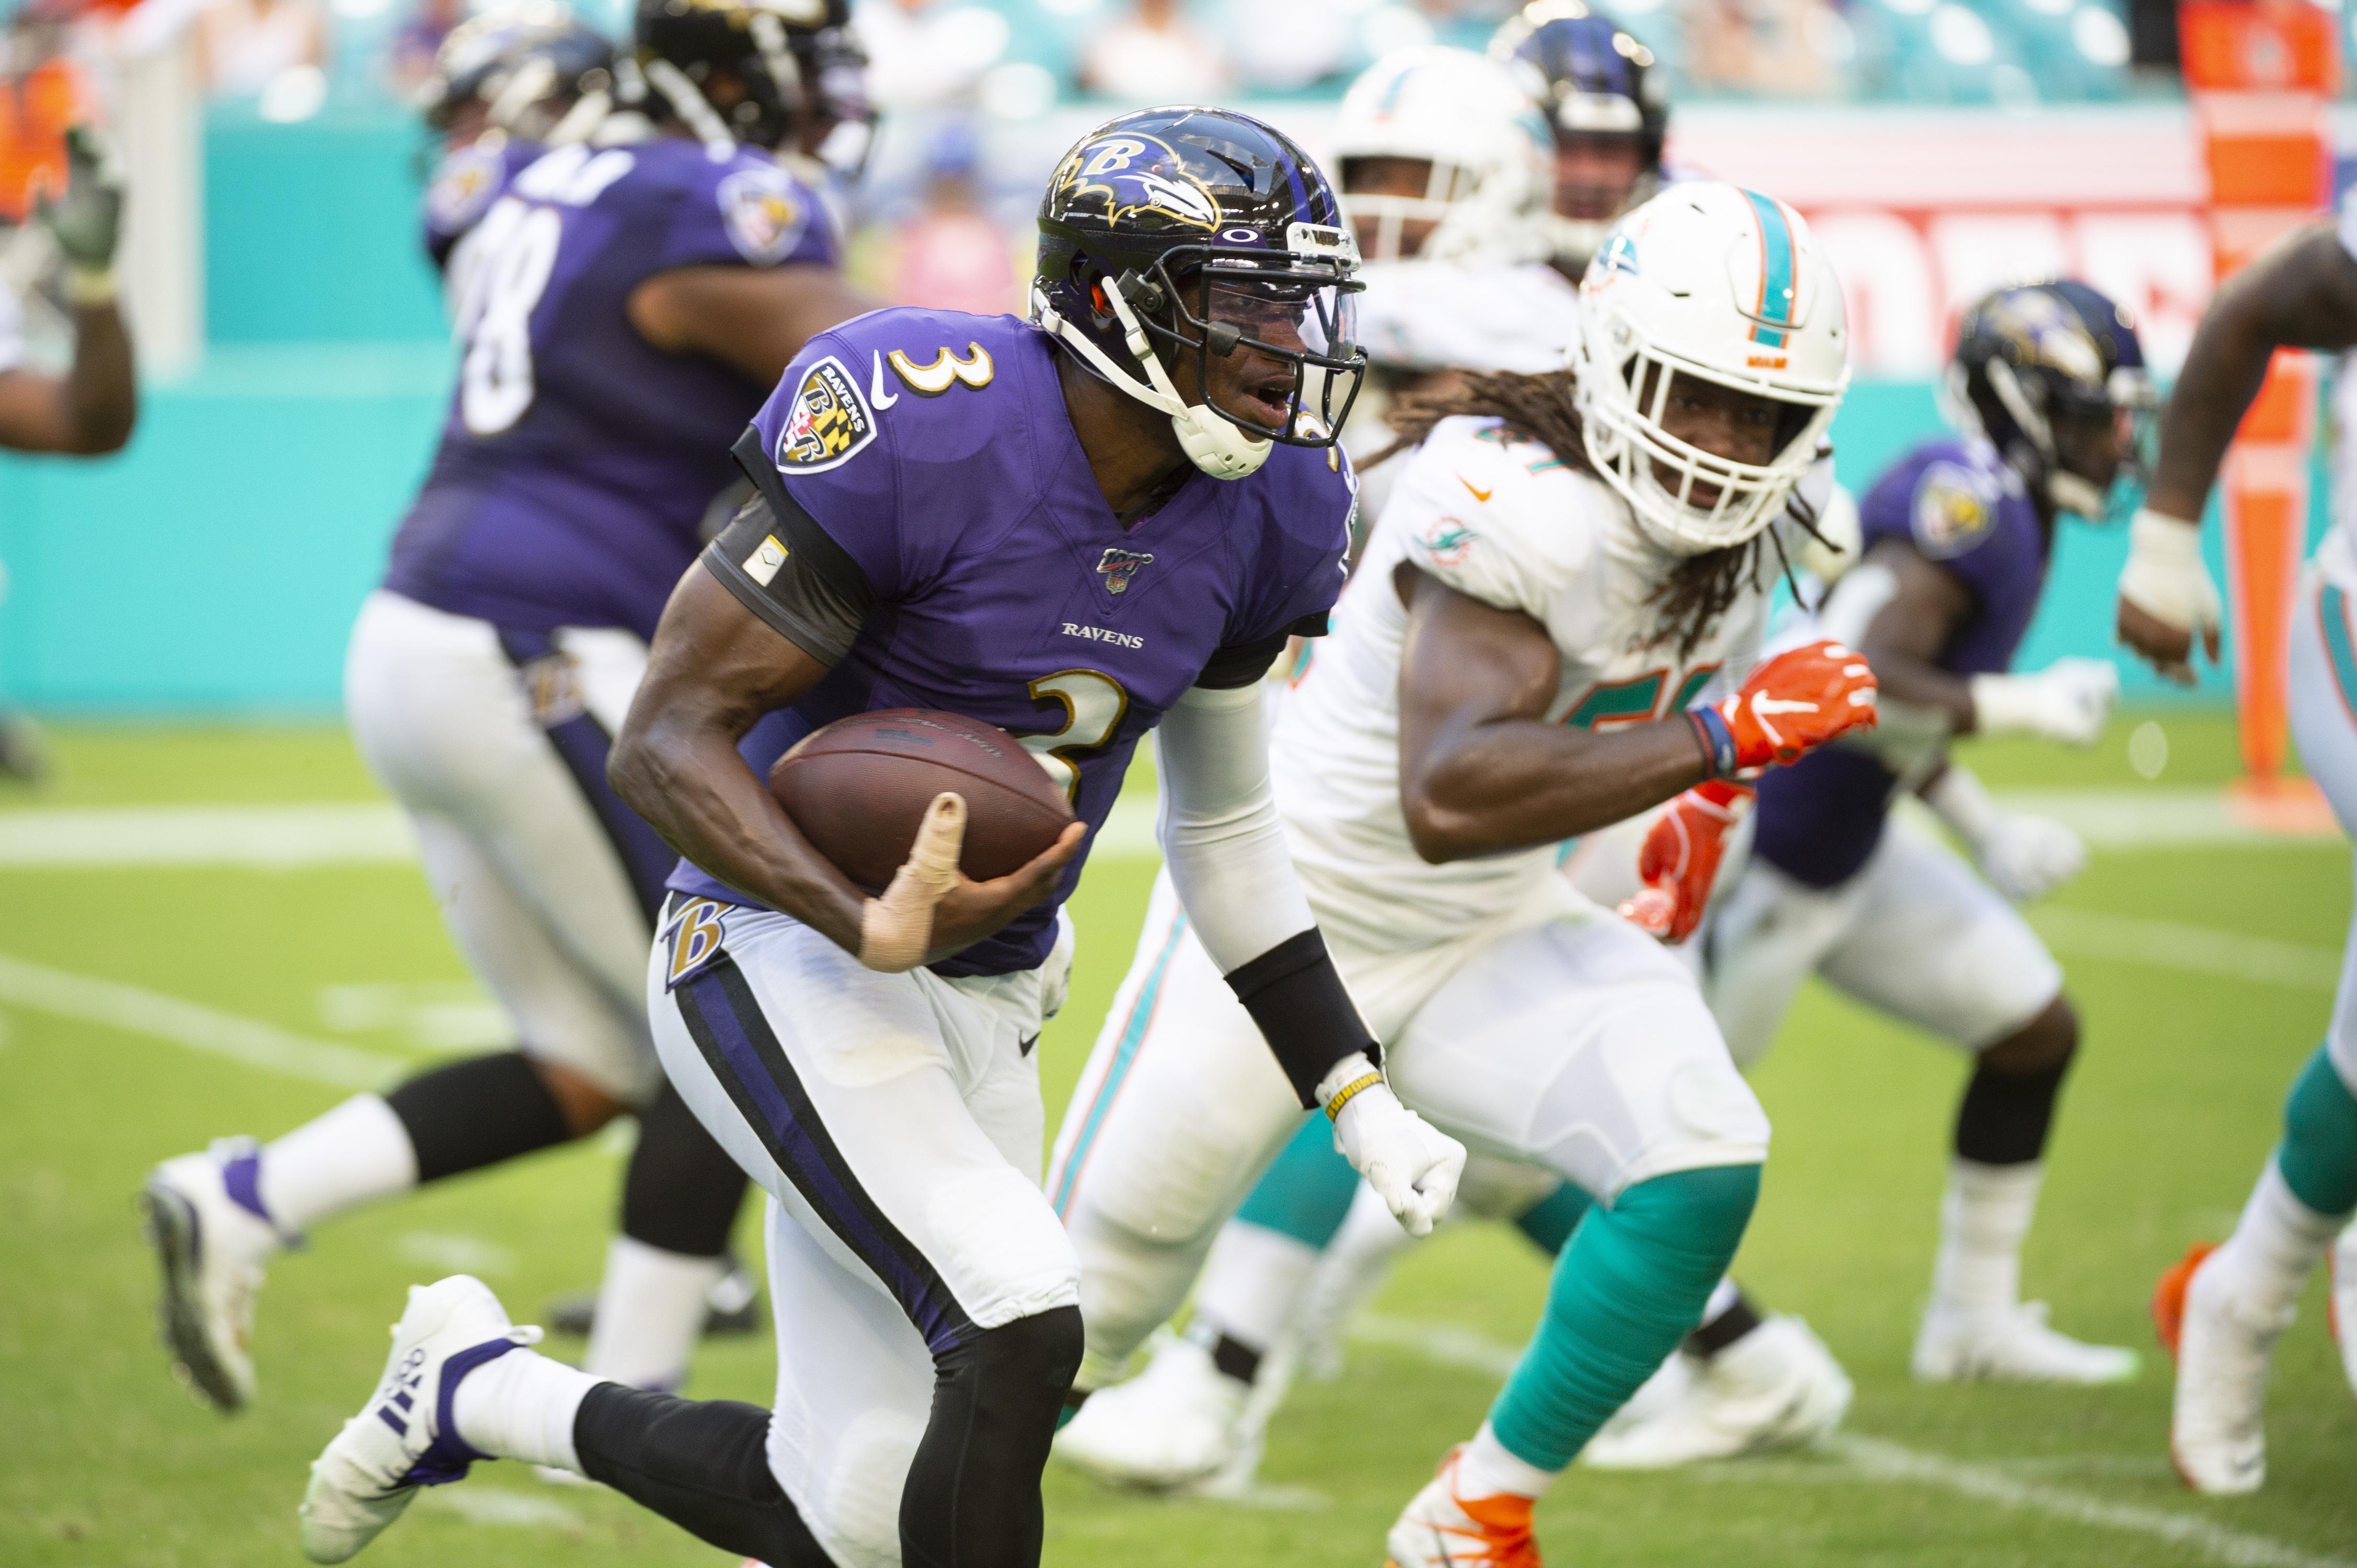 巴尔的摩乌鸦四分卫罗伯特格里芬三世在巴尔的摩乌鸦之间的NFL比赛中与球一起跑,在2019年9月8日的迈阿密花园的硬岩体育场的迈阿密海豚之间。